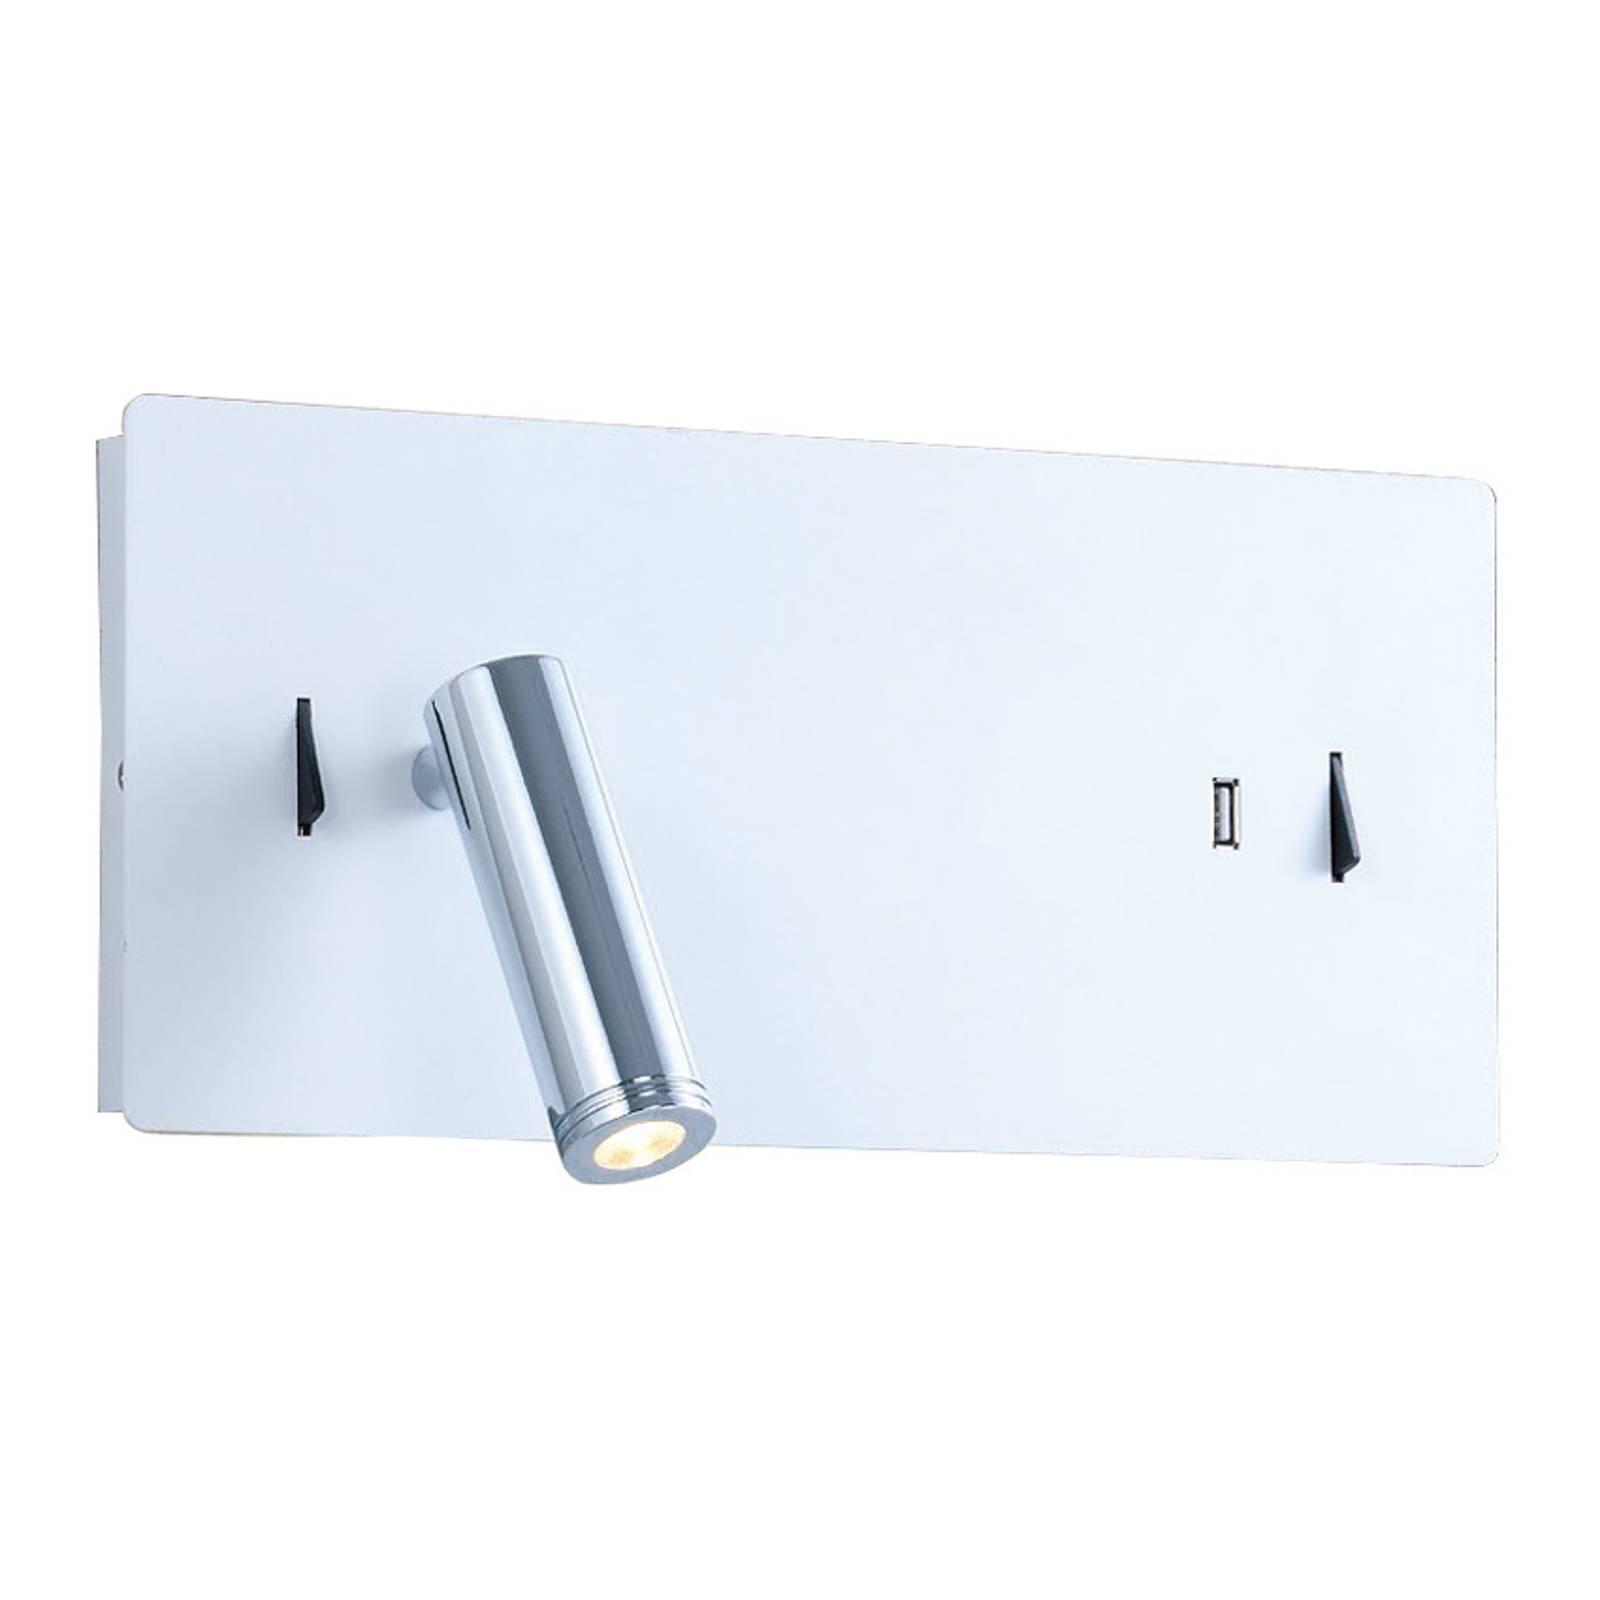 Lucande Kimo -LED-seinävalaisin, USB-liitäntä